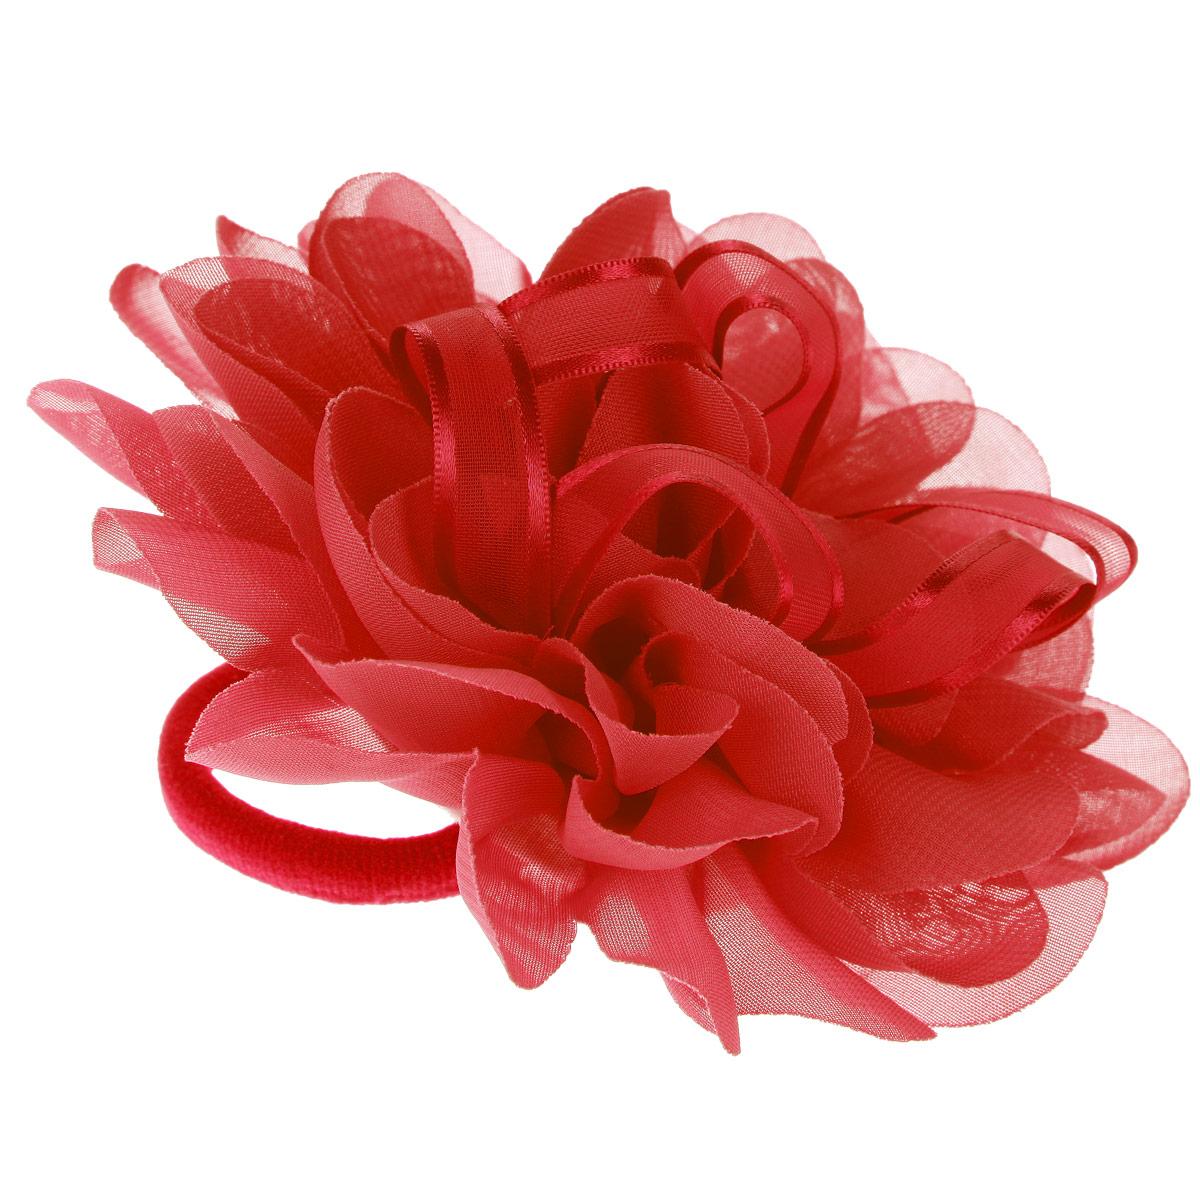 Baby's Joy Резинка для волос, цвет: красный. DB 355